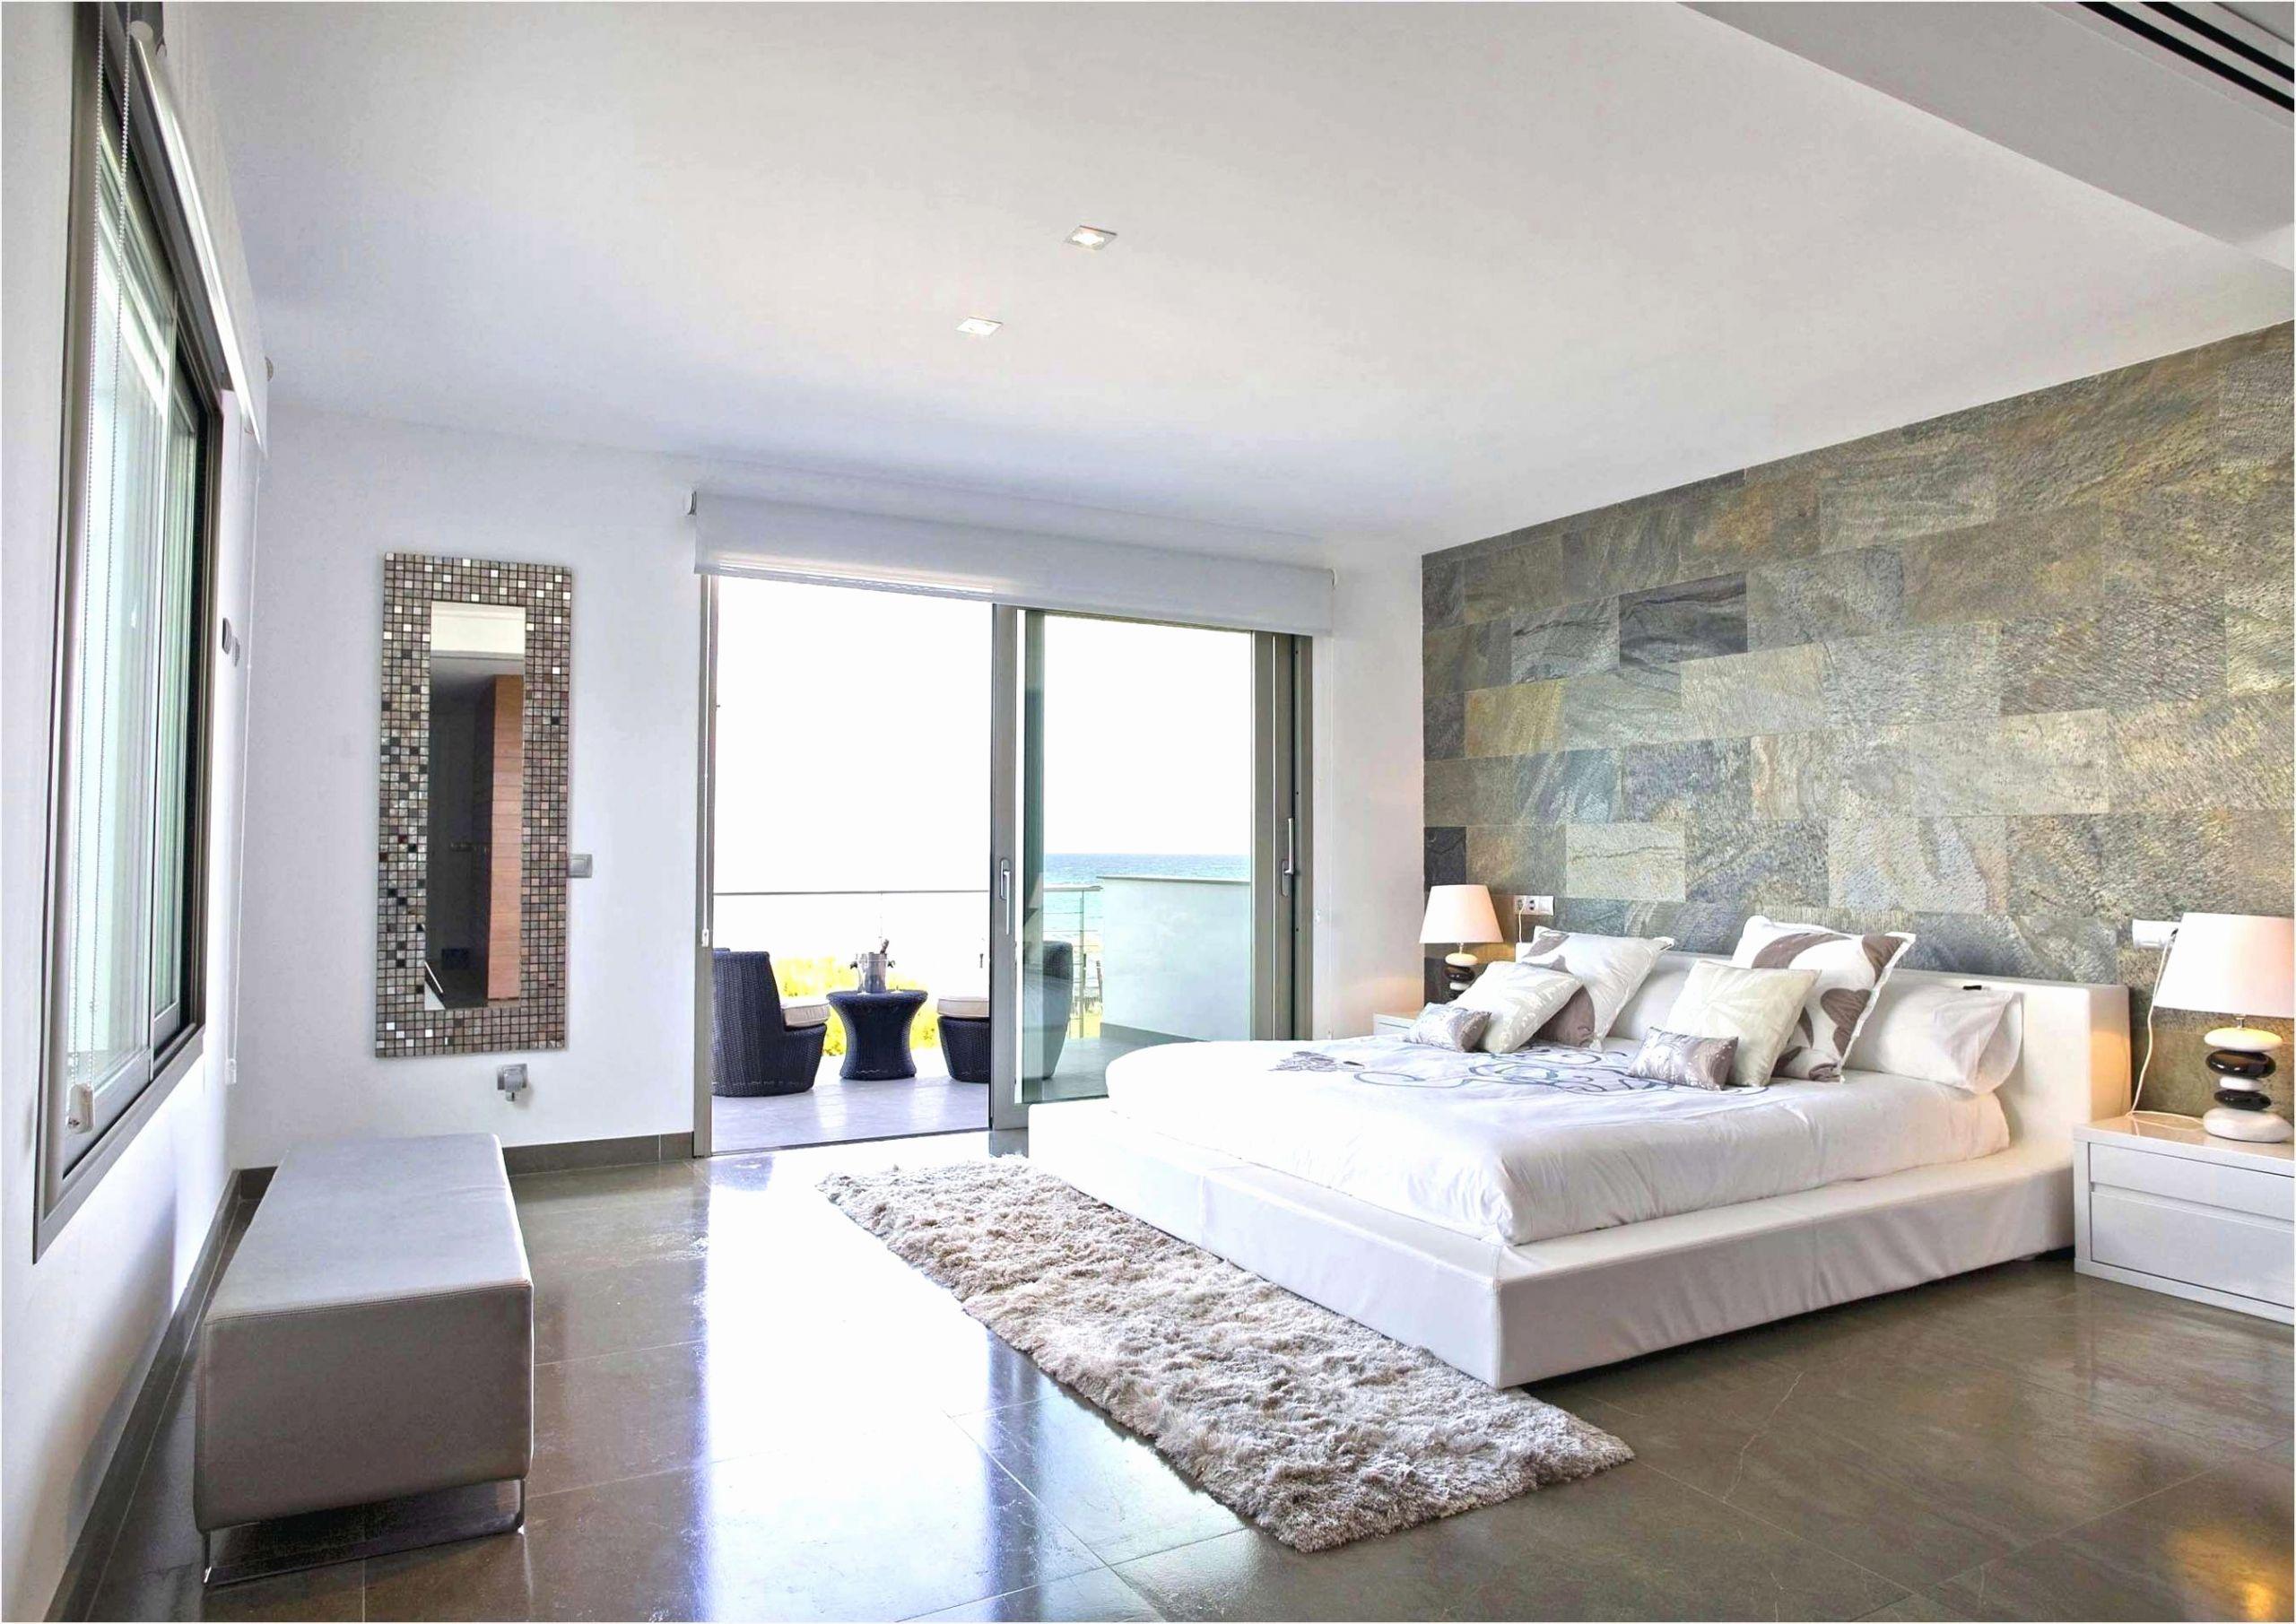 englischer landhausstil wohnzimmer inspirierend antik wohnzimmer landhausstil gardinen 0d wohnzimmer im landhausstil of englischer landhausstil wohnzimmer